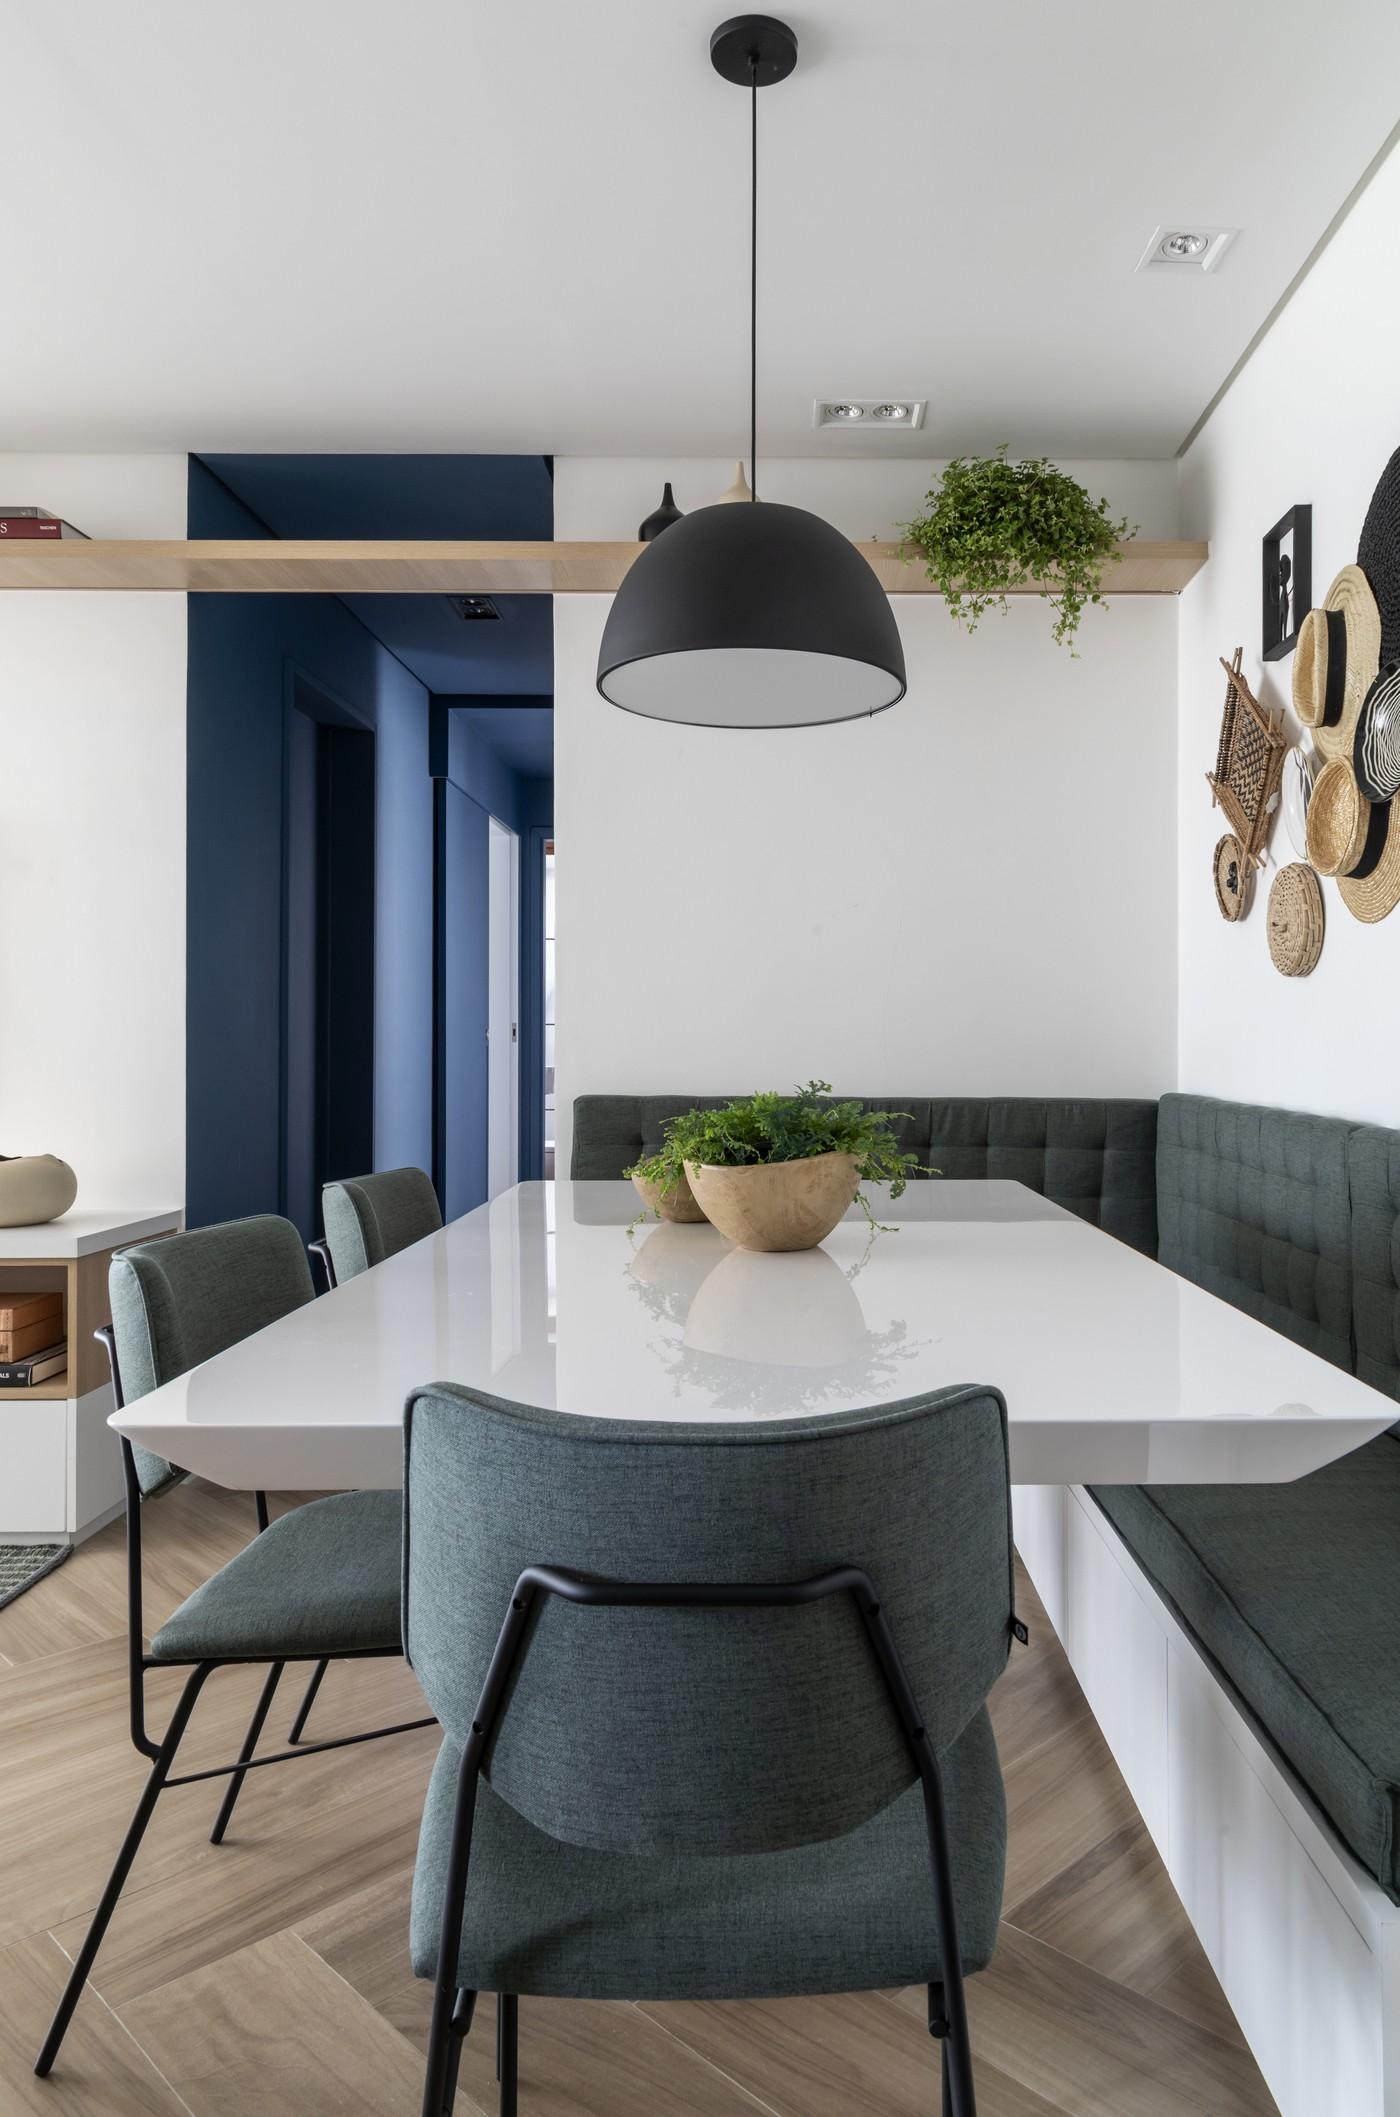 Décor do dia: sala de jantar tem canto alemão e cestos na parede (Foto: Evelyn Müller)